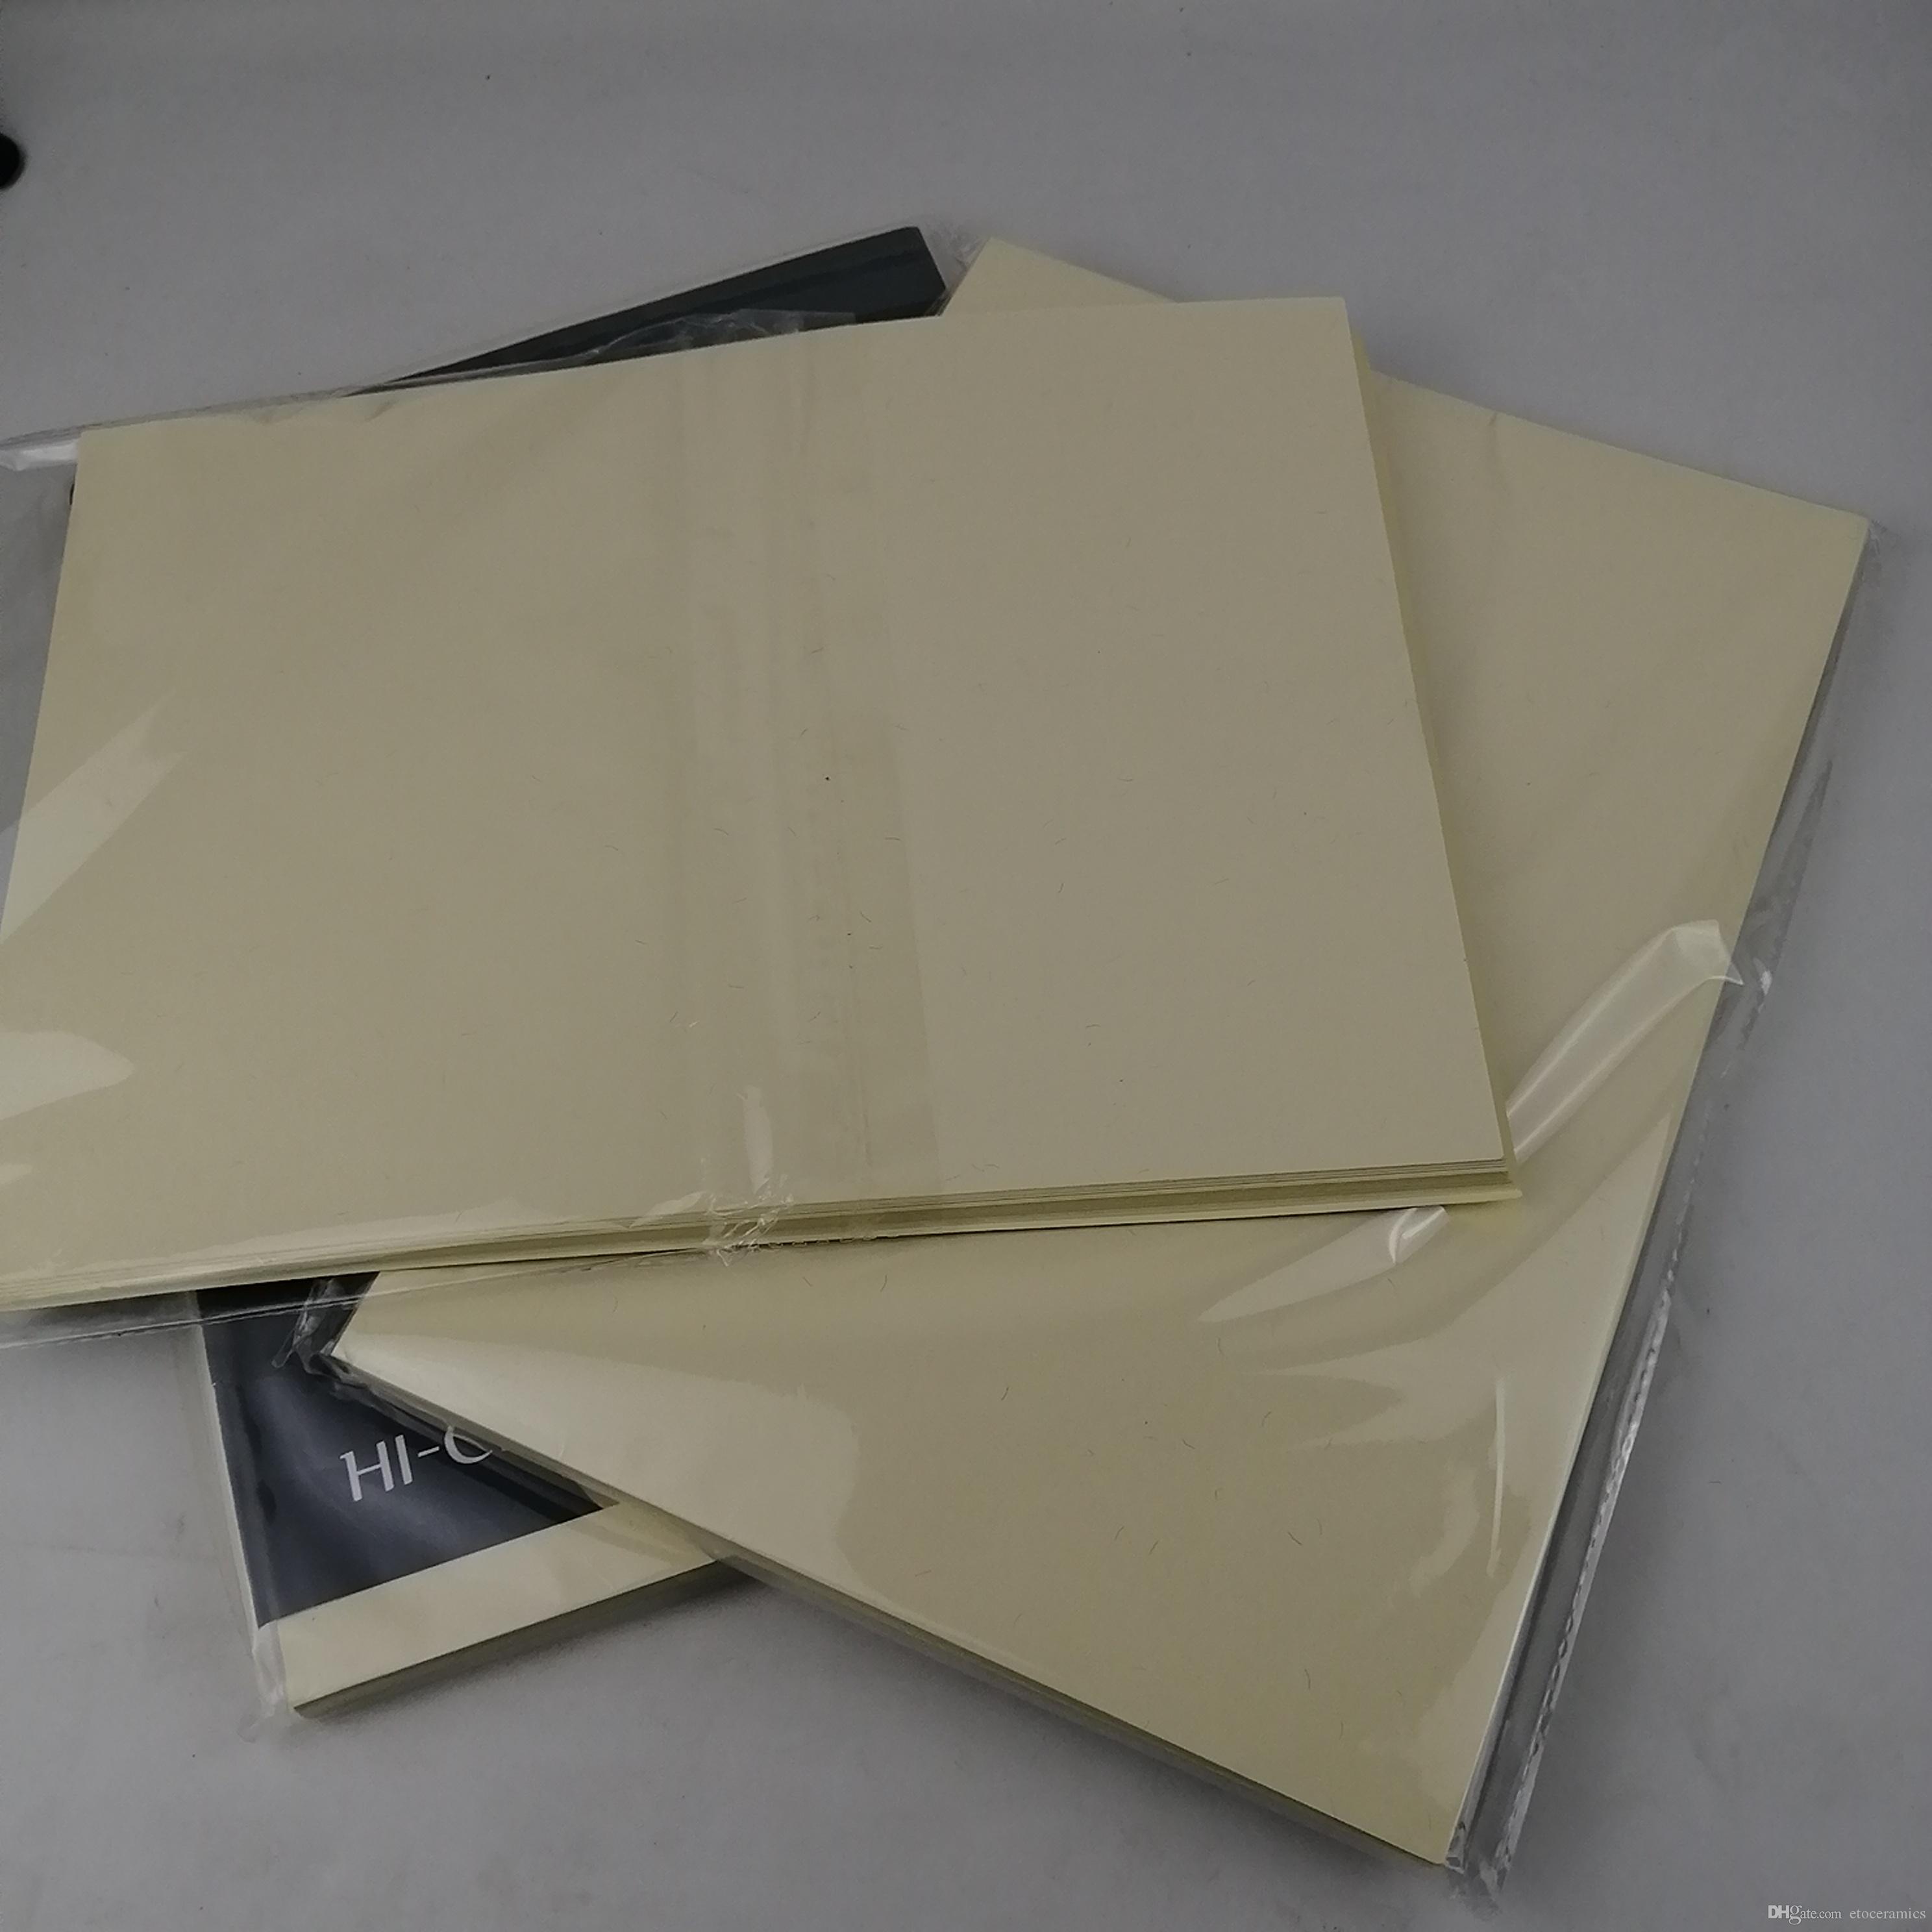 ABD 200pcs 200 yaprak yazı kağıdı% 75 pamuk,% 25 keten geçiş sahte kalem Test kağıdı, beyaz renkli 8.5in * 11in kağıt